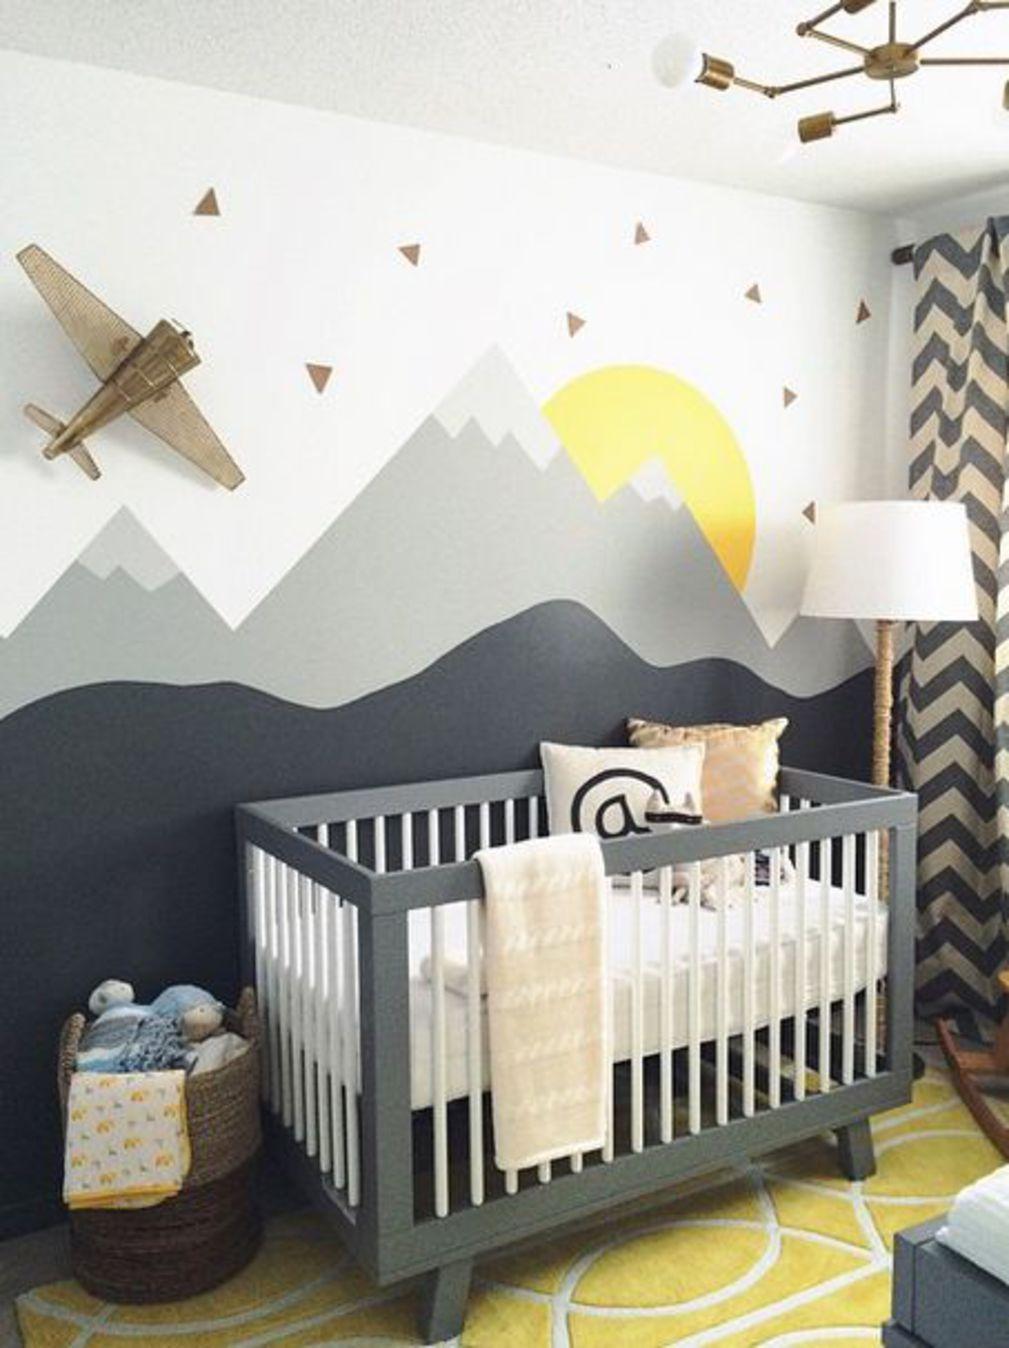 La chambre de bébé montagne - Les plus belles chambres de bébé